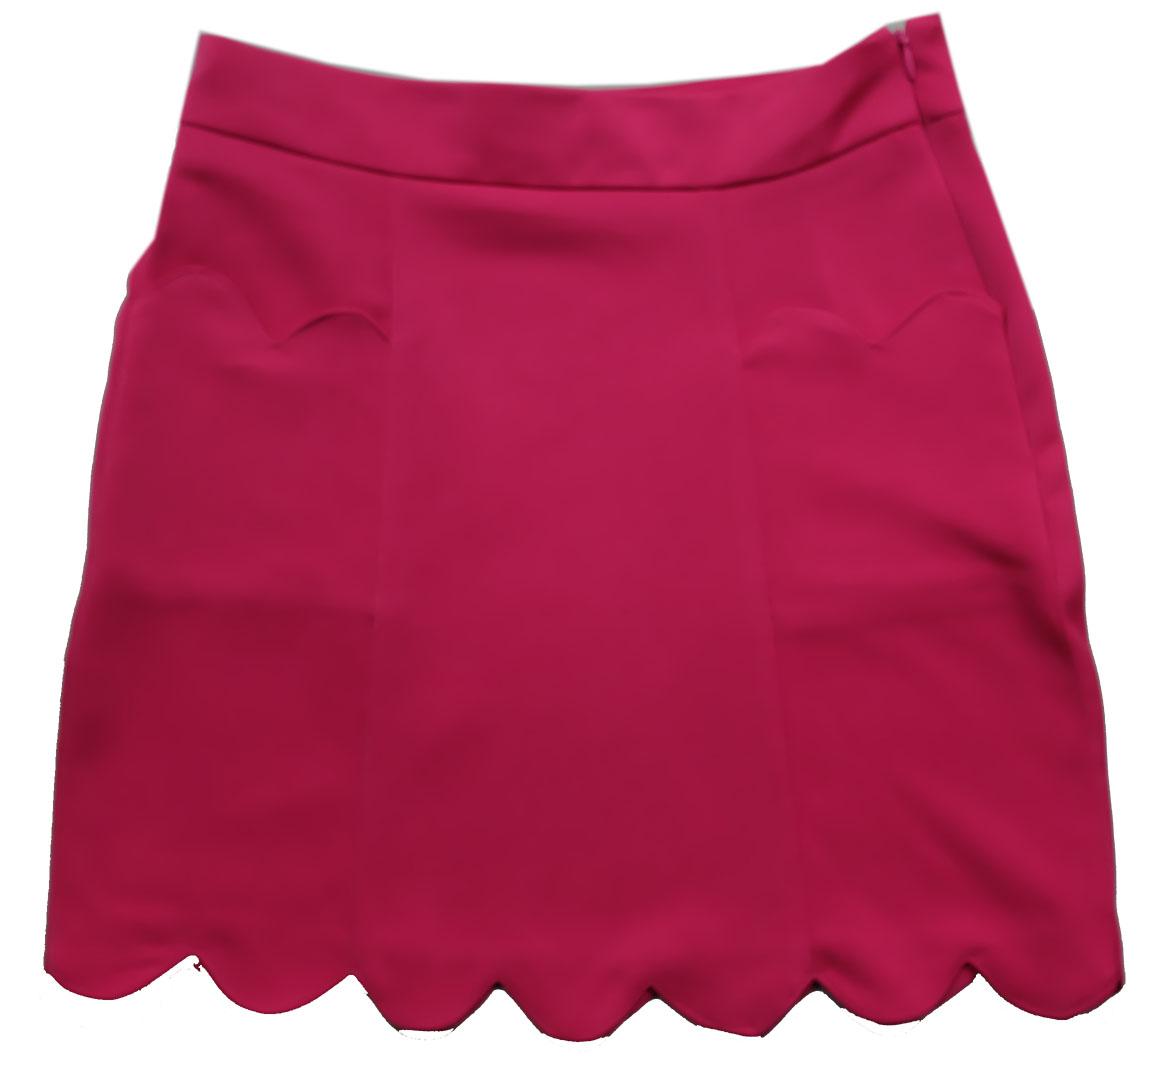 กระโปรงปลายหยักมีเป๋า ผ้าฮานาโกะ สีน้ำตาล Size S M L XL